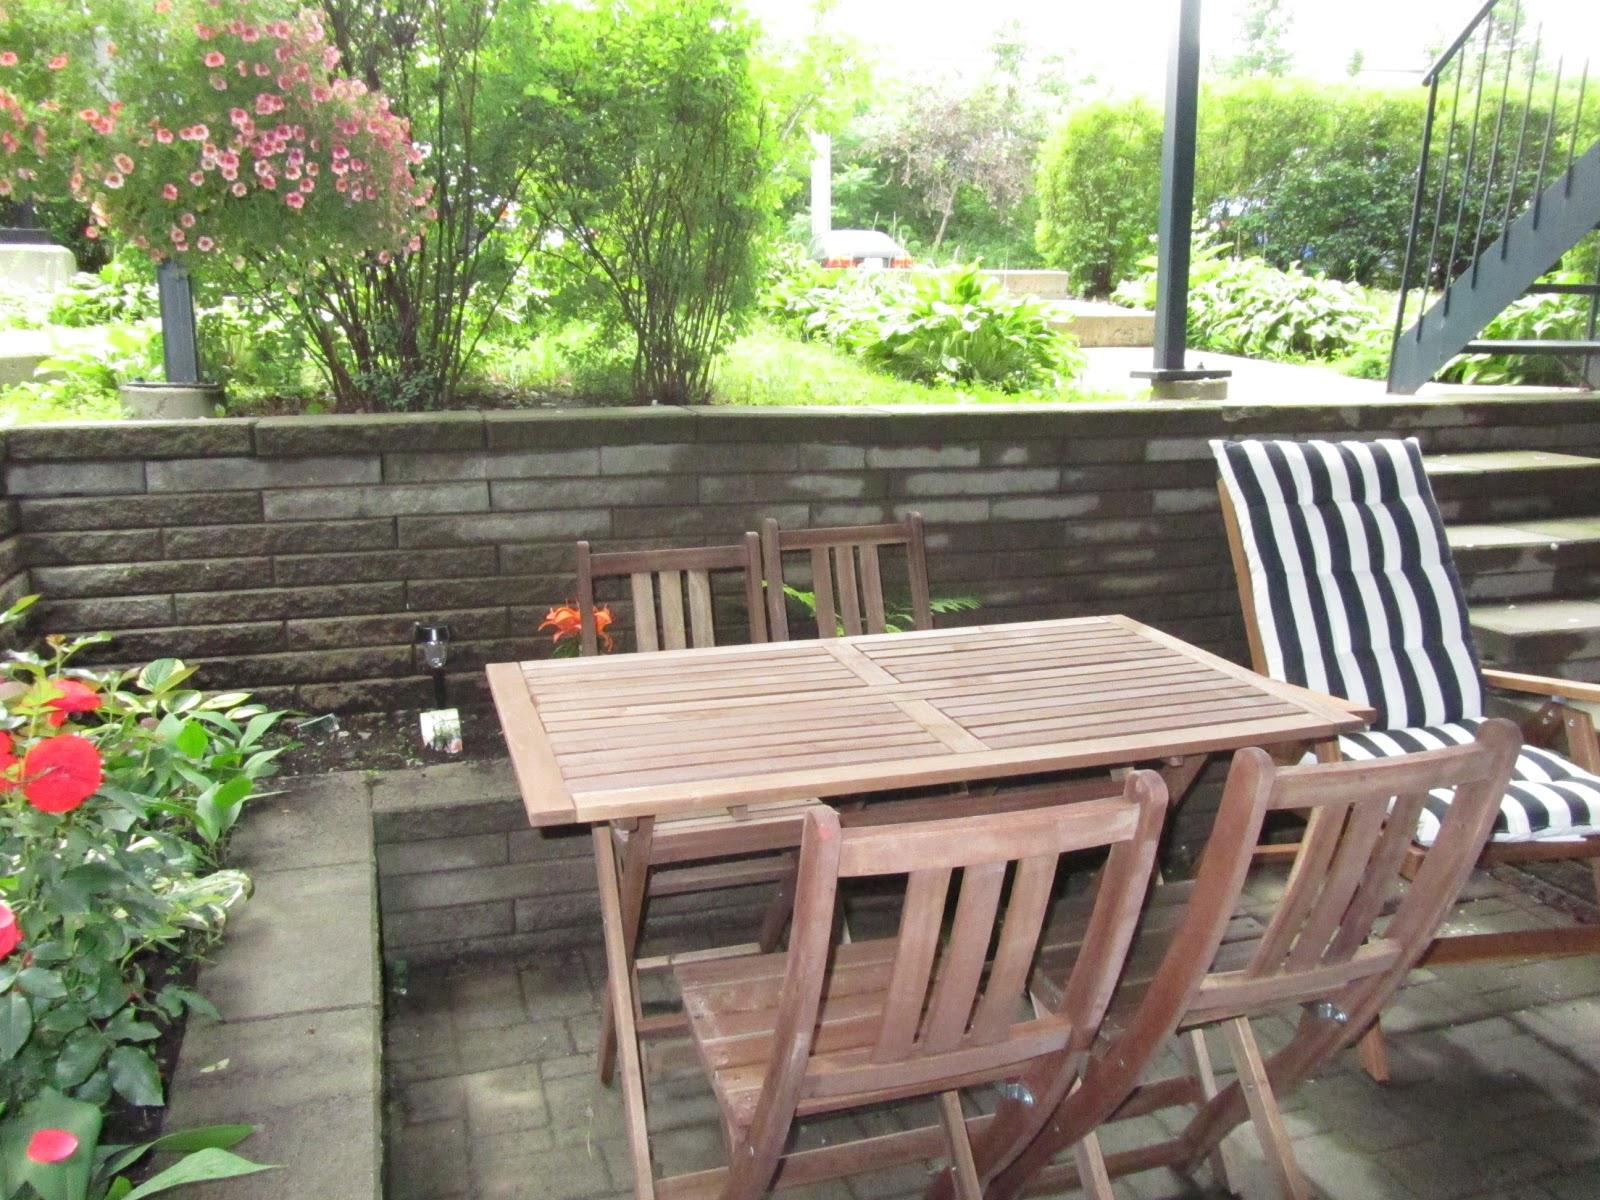 Mobilier de jardin chez leclerc - Ikea mobilier jardin ...